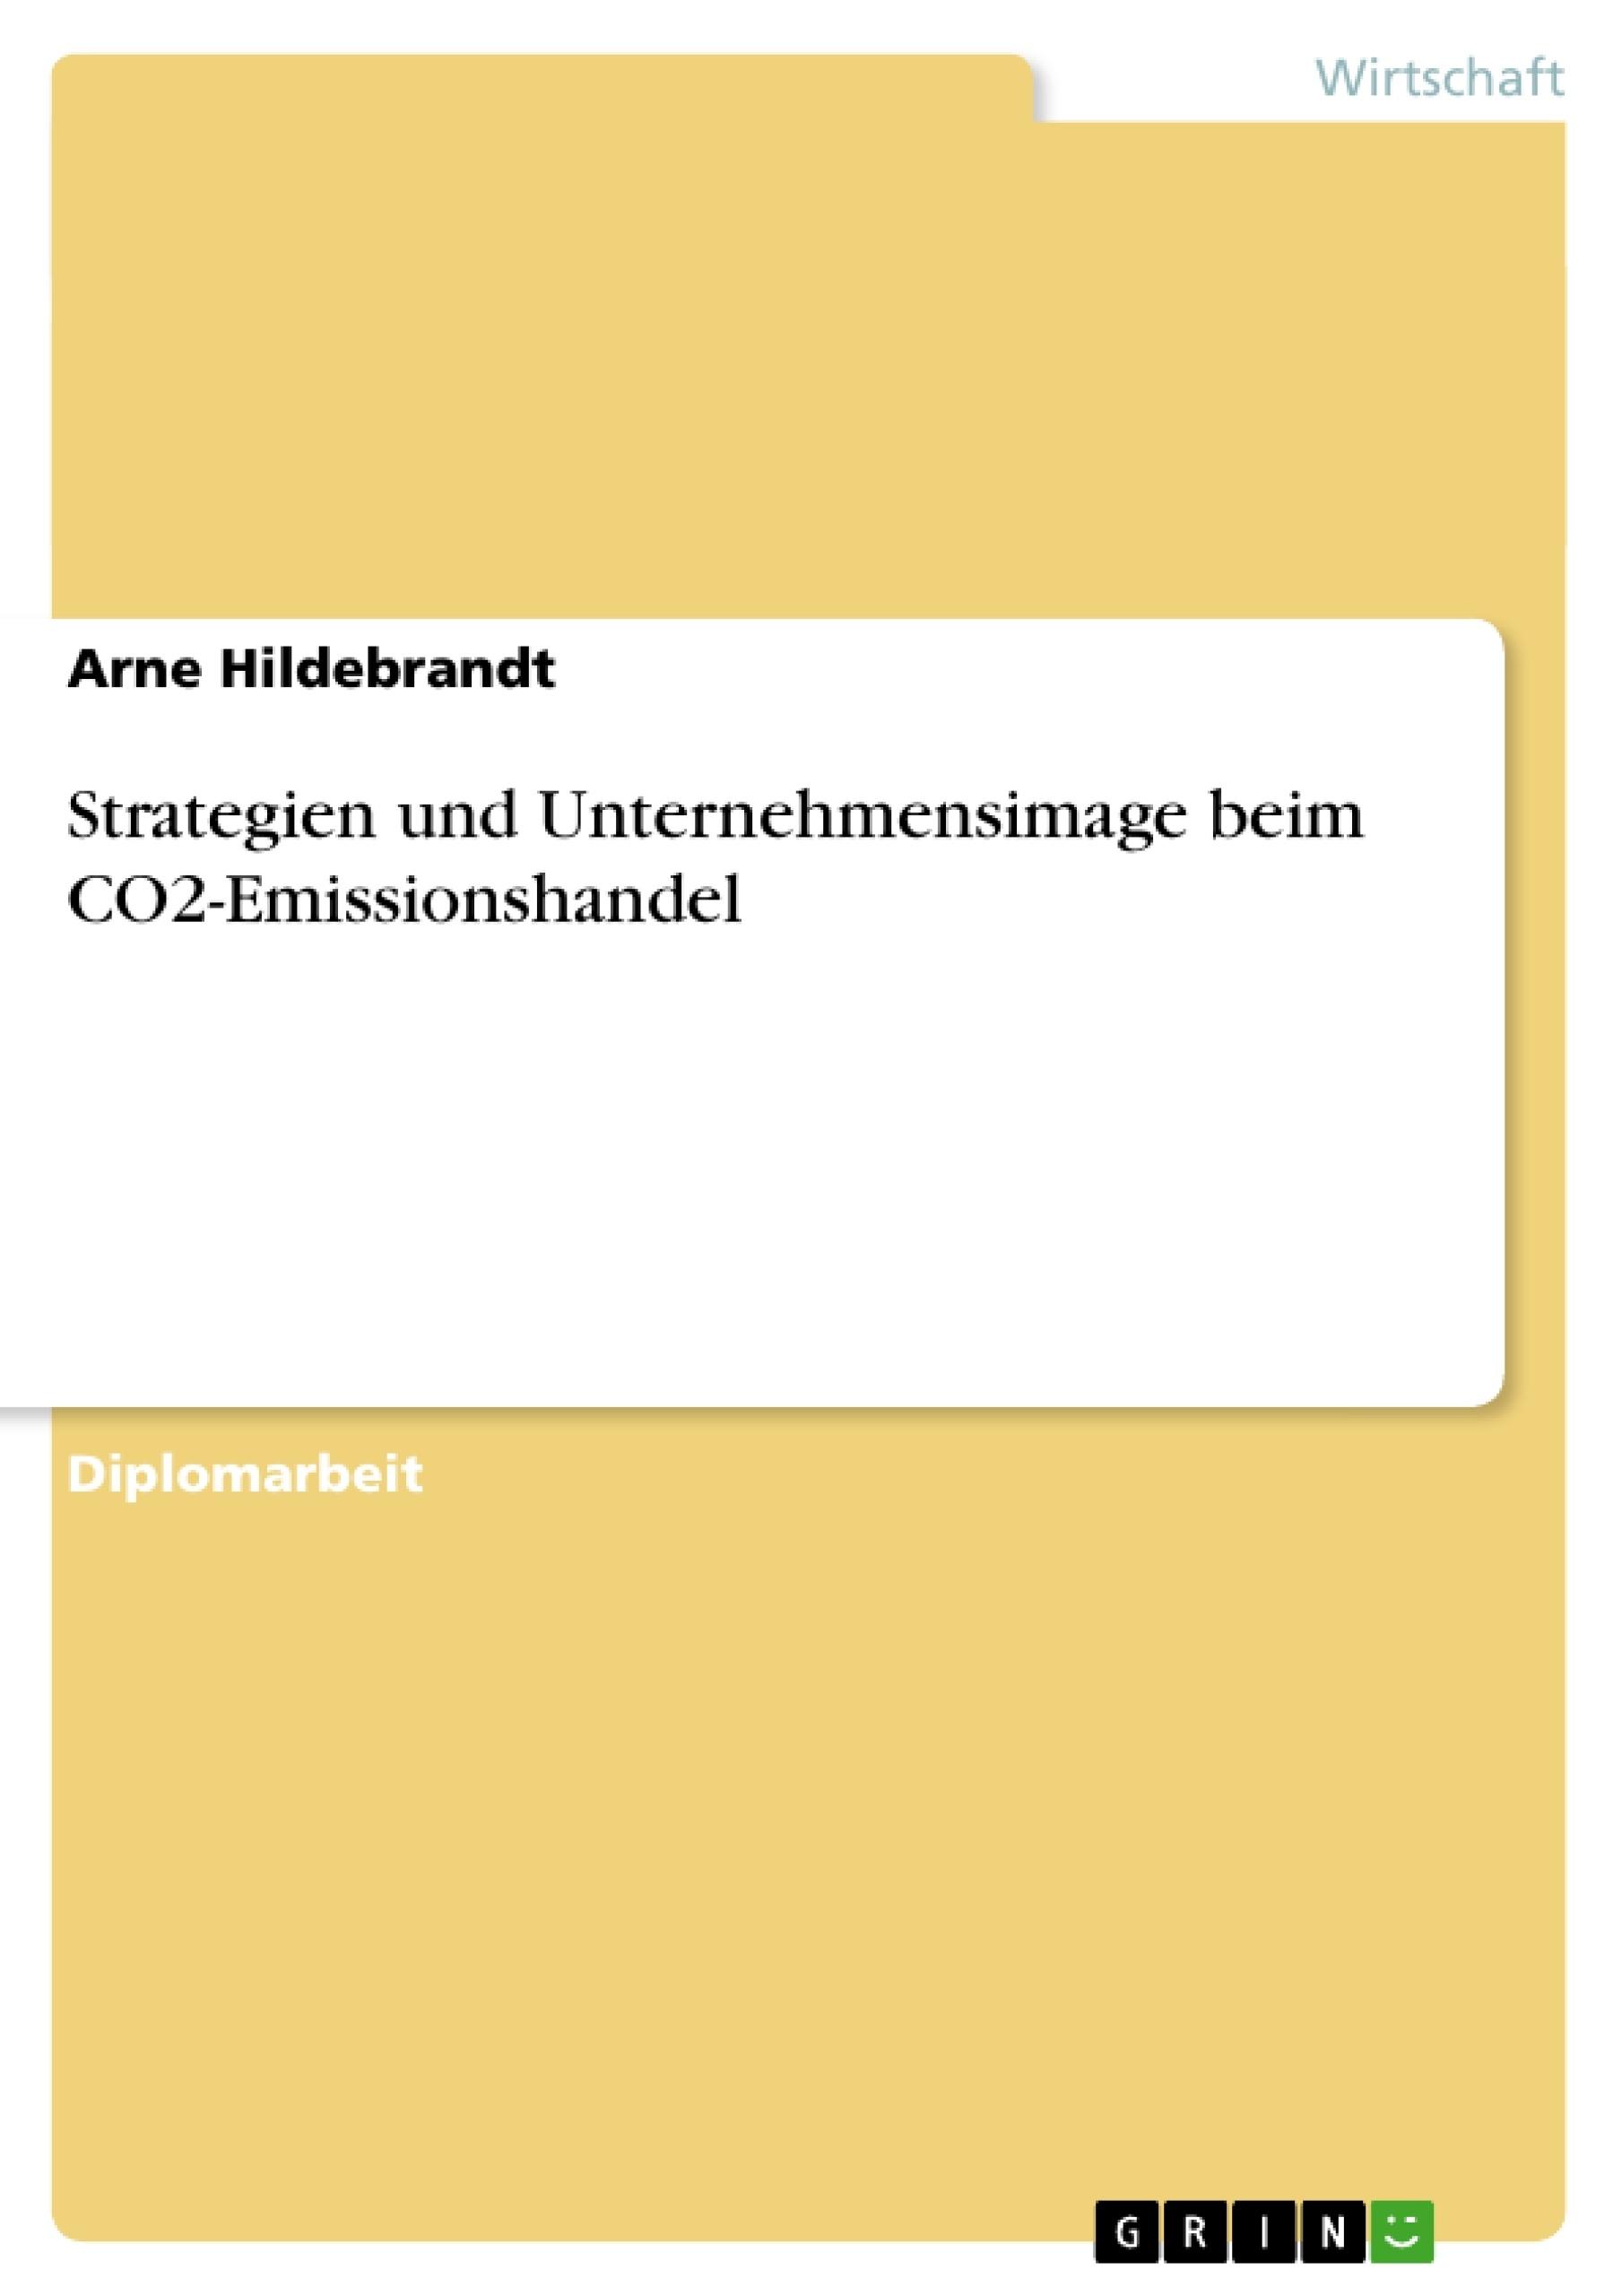 Titel: Strategien und Unternehmensimage beim CO2-Emissionshandel